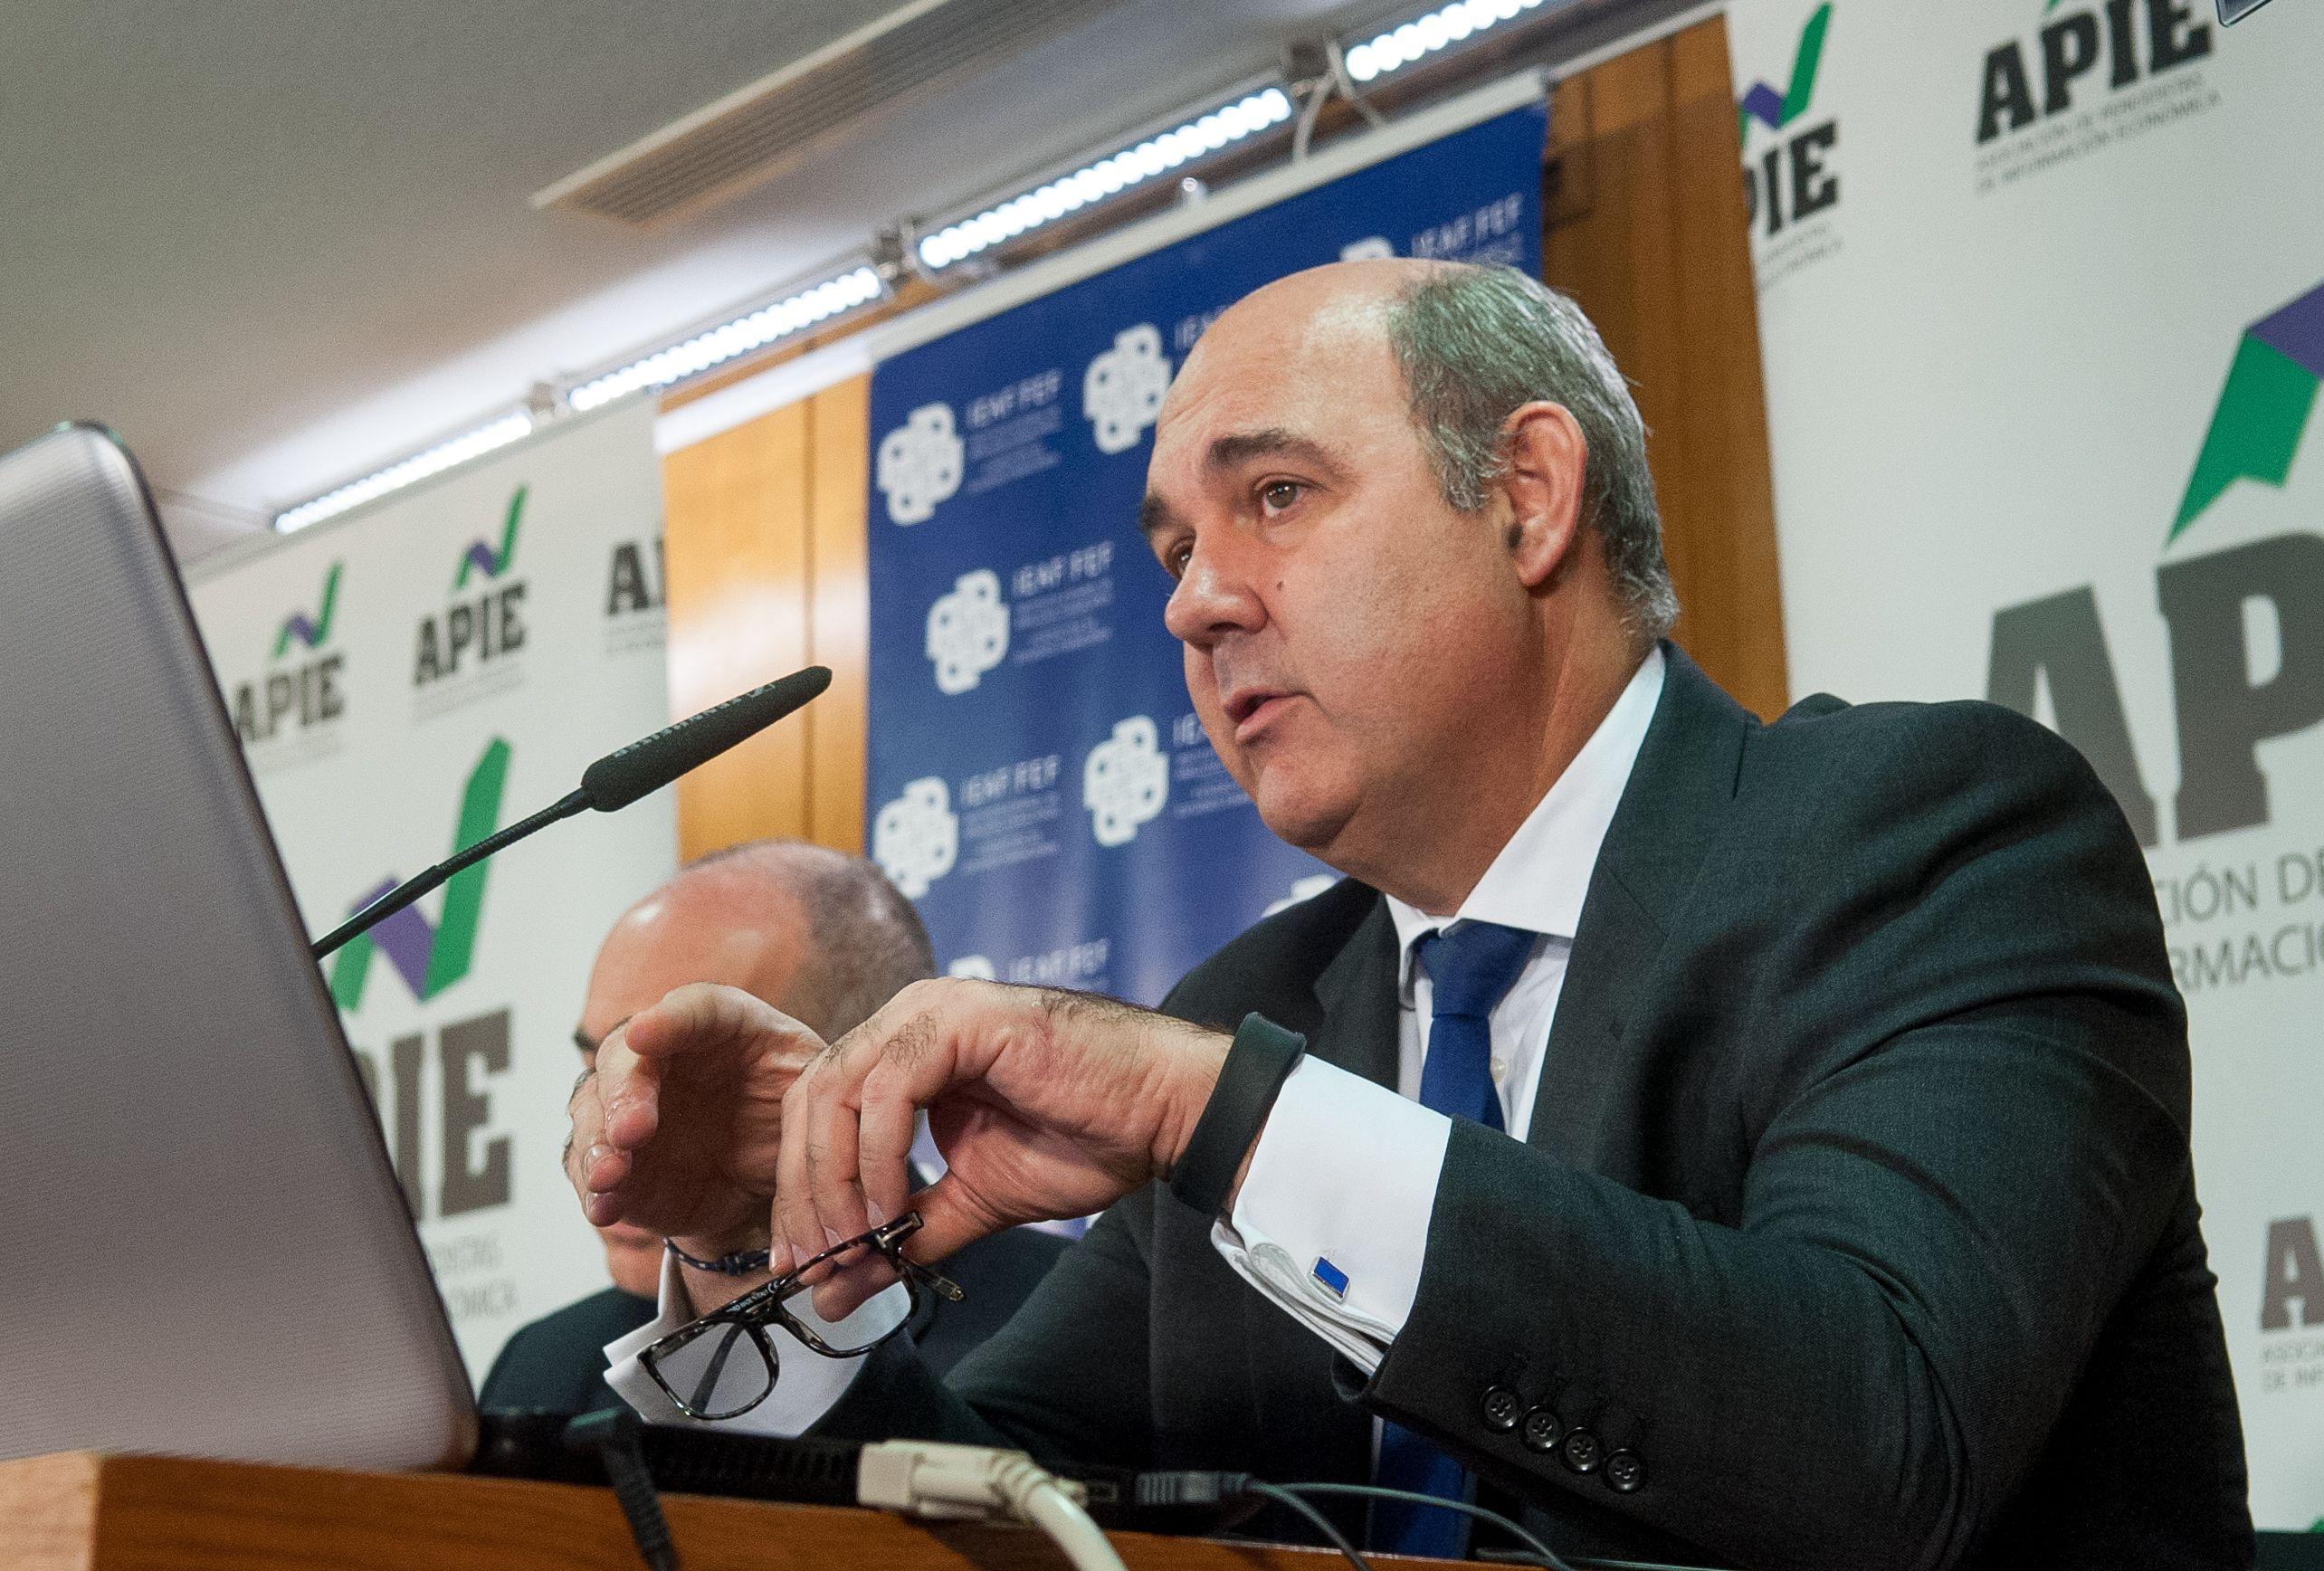 Francisco Uría, Socio Principal de KPMG Abogados y socio responsable del Sector Financiero para KPMG EMEA, en las II Jornadas sobre Resolución Bancaria organizadas por IEAF-FEF y APIE.